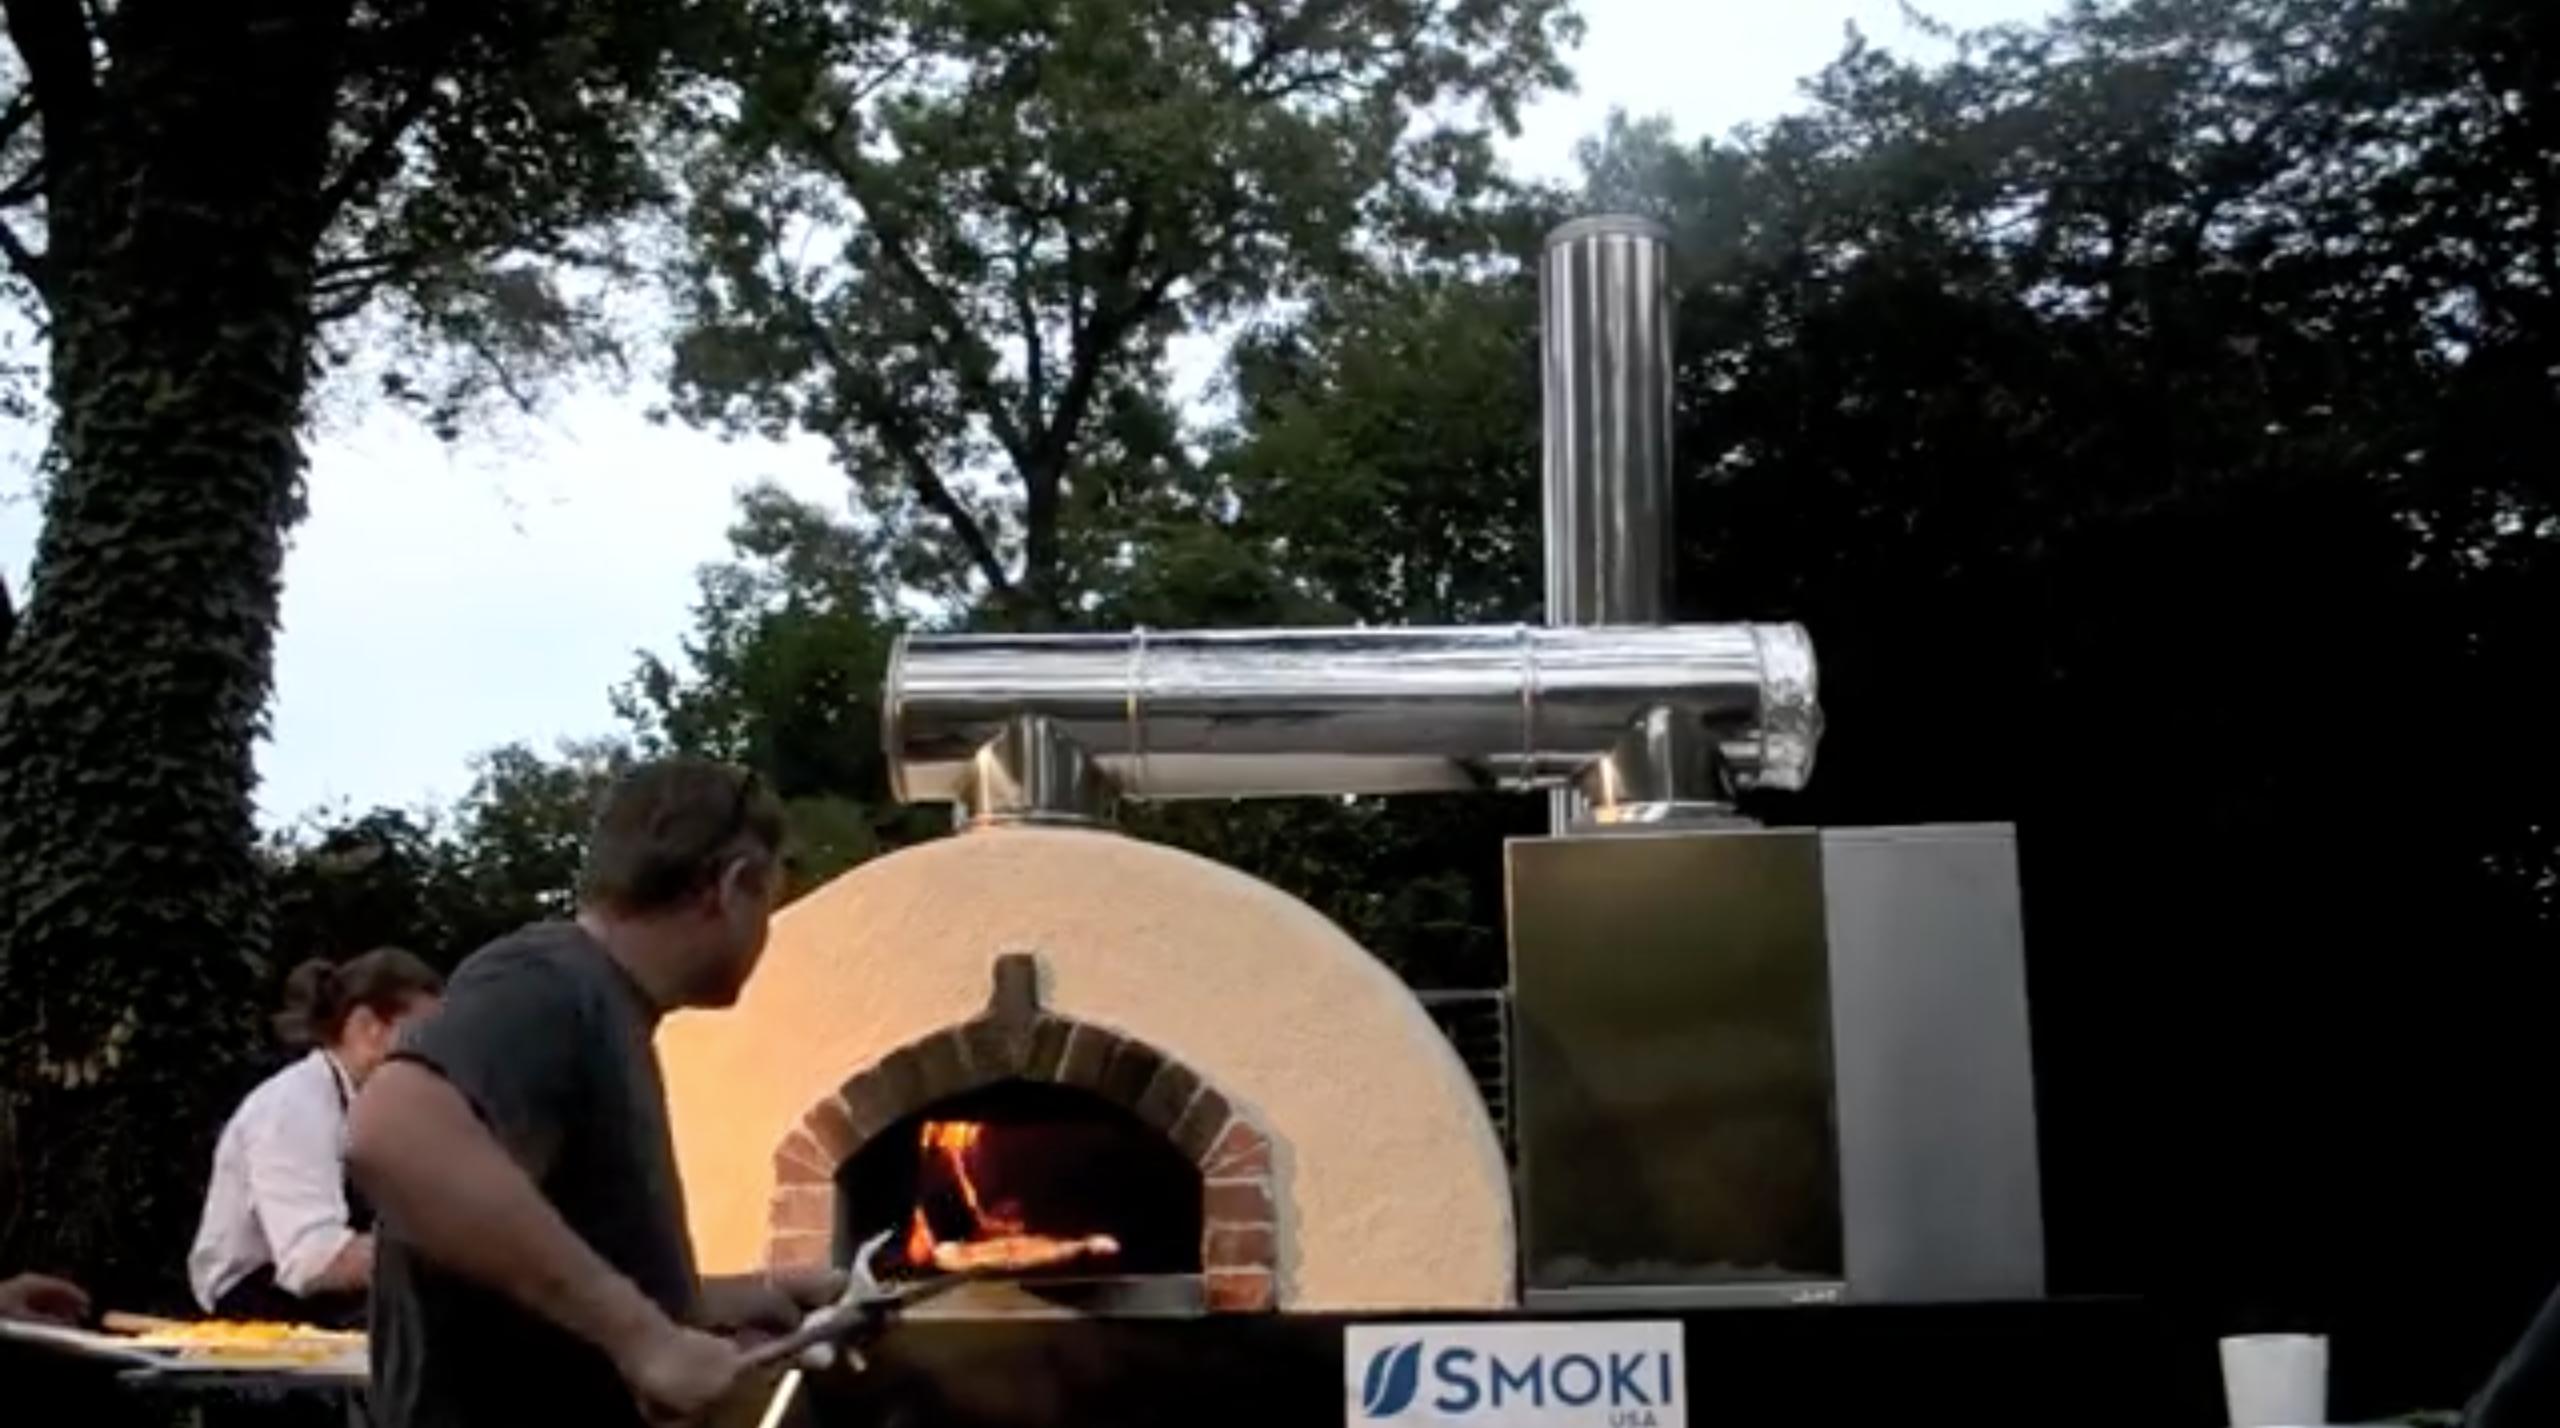 Un Smoki Junior couplé avec un four à pizza qui nettoie et désodorise la fumée